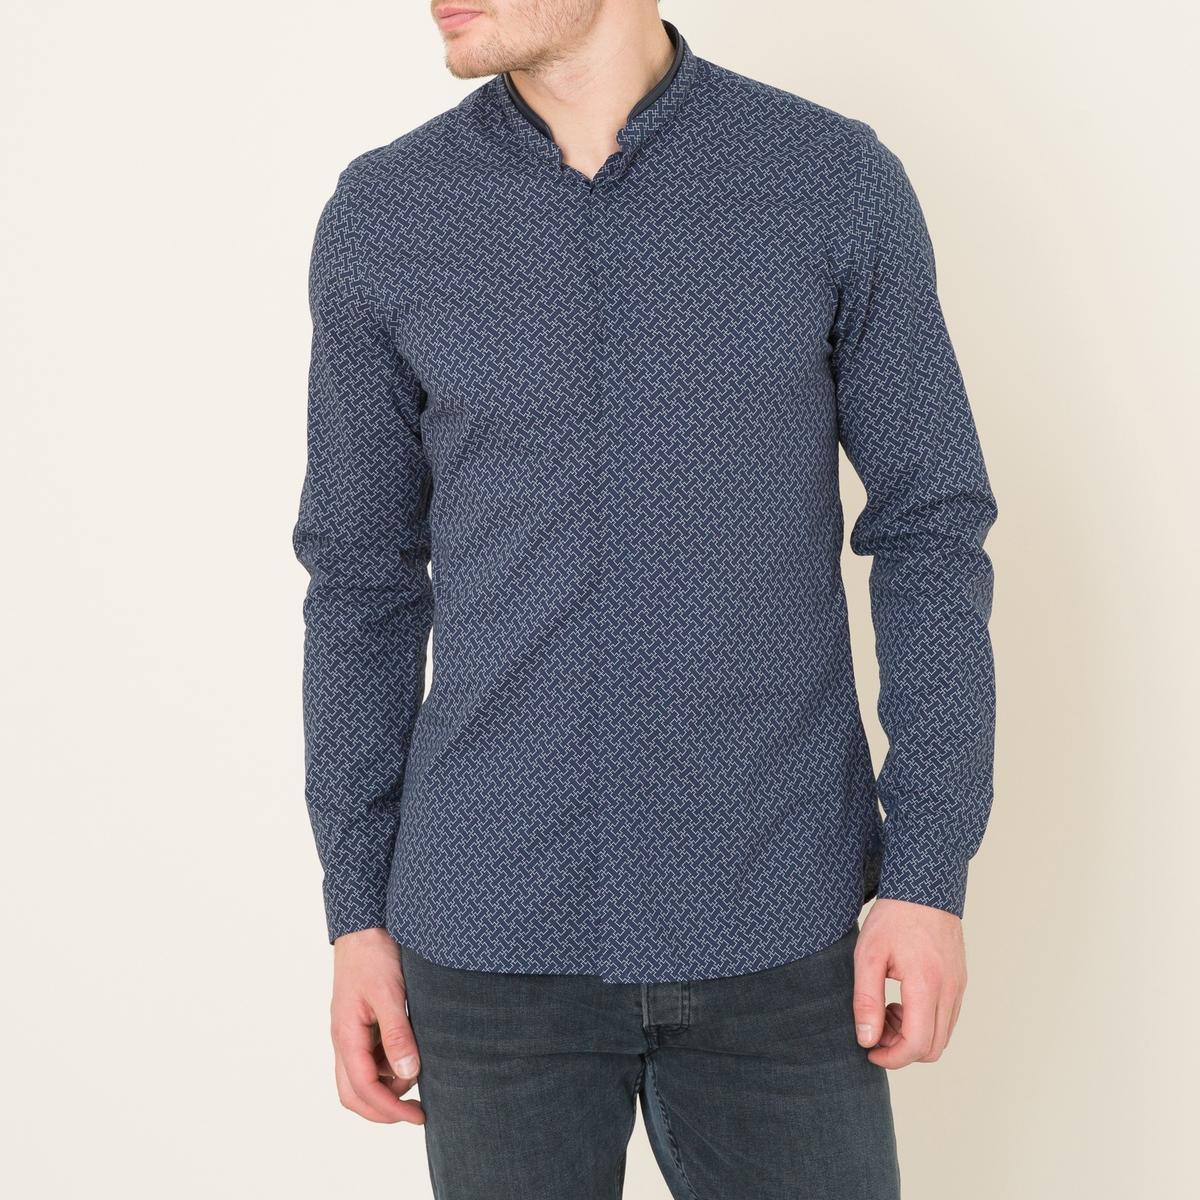 Рубашка с принтом и с кожаной отделкойСостав и описание:    Материал : 100% хлопок   Воротник 100% кожа ягненка  Марка : THE KOOPLES<br><br>Цвет: синий